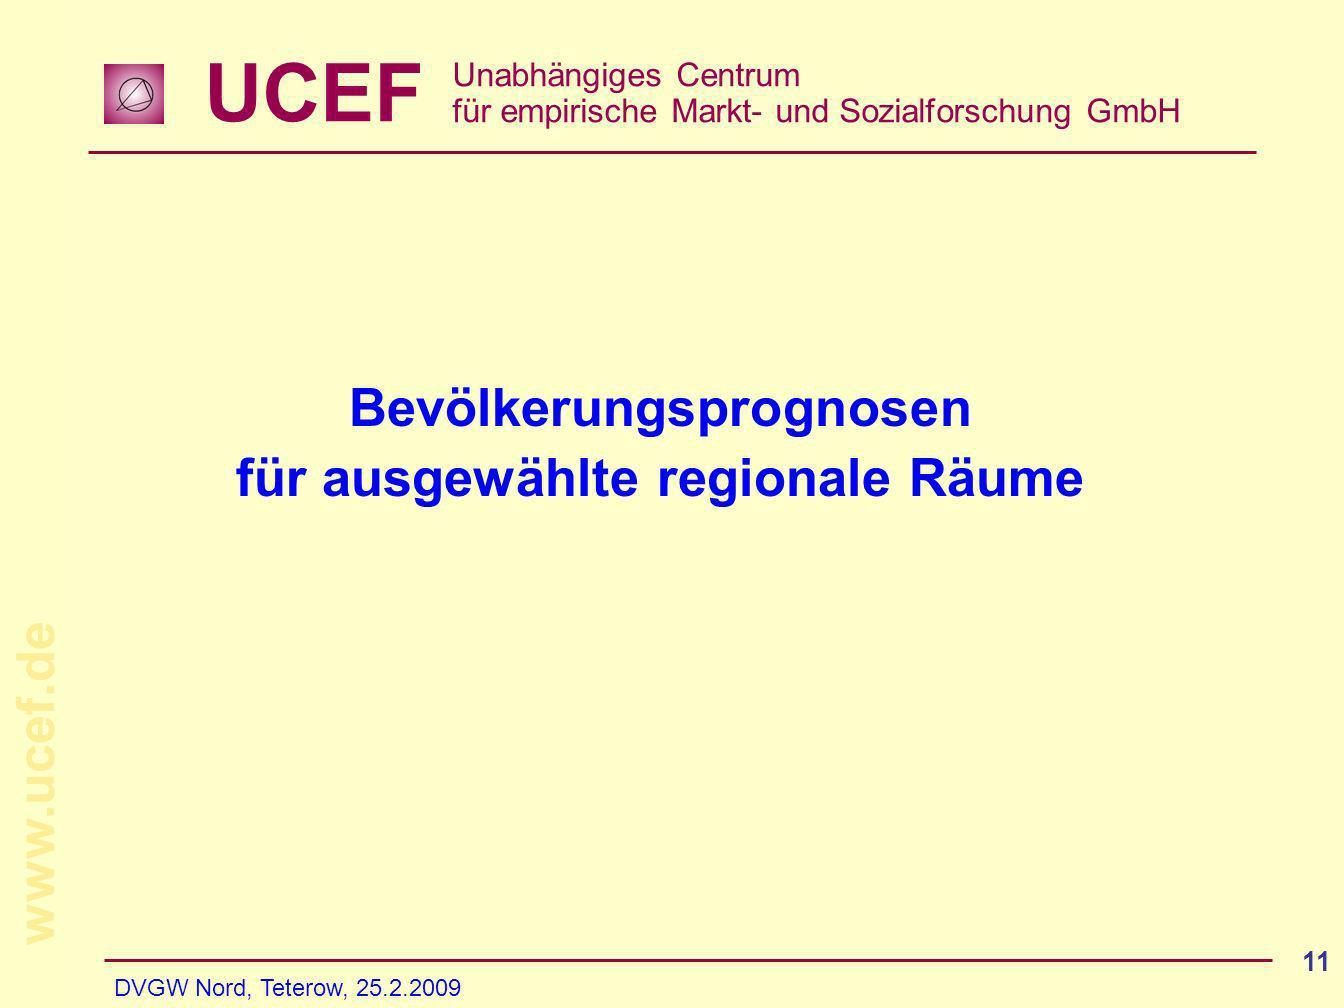 UCEF Unabhängiges Centrum für empirische Markt- und Sozialforschung GmbH www.ucef.de DVGW Nord, Teterow, 25.2.2009 11 Bevölkerungsprognosen für ausgewählte regionale Räume